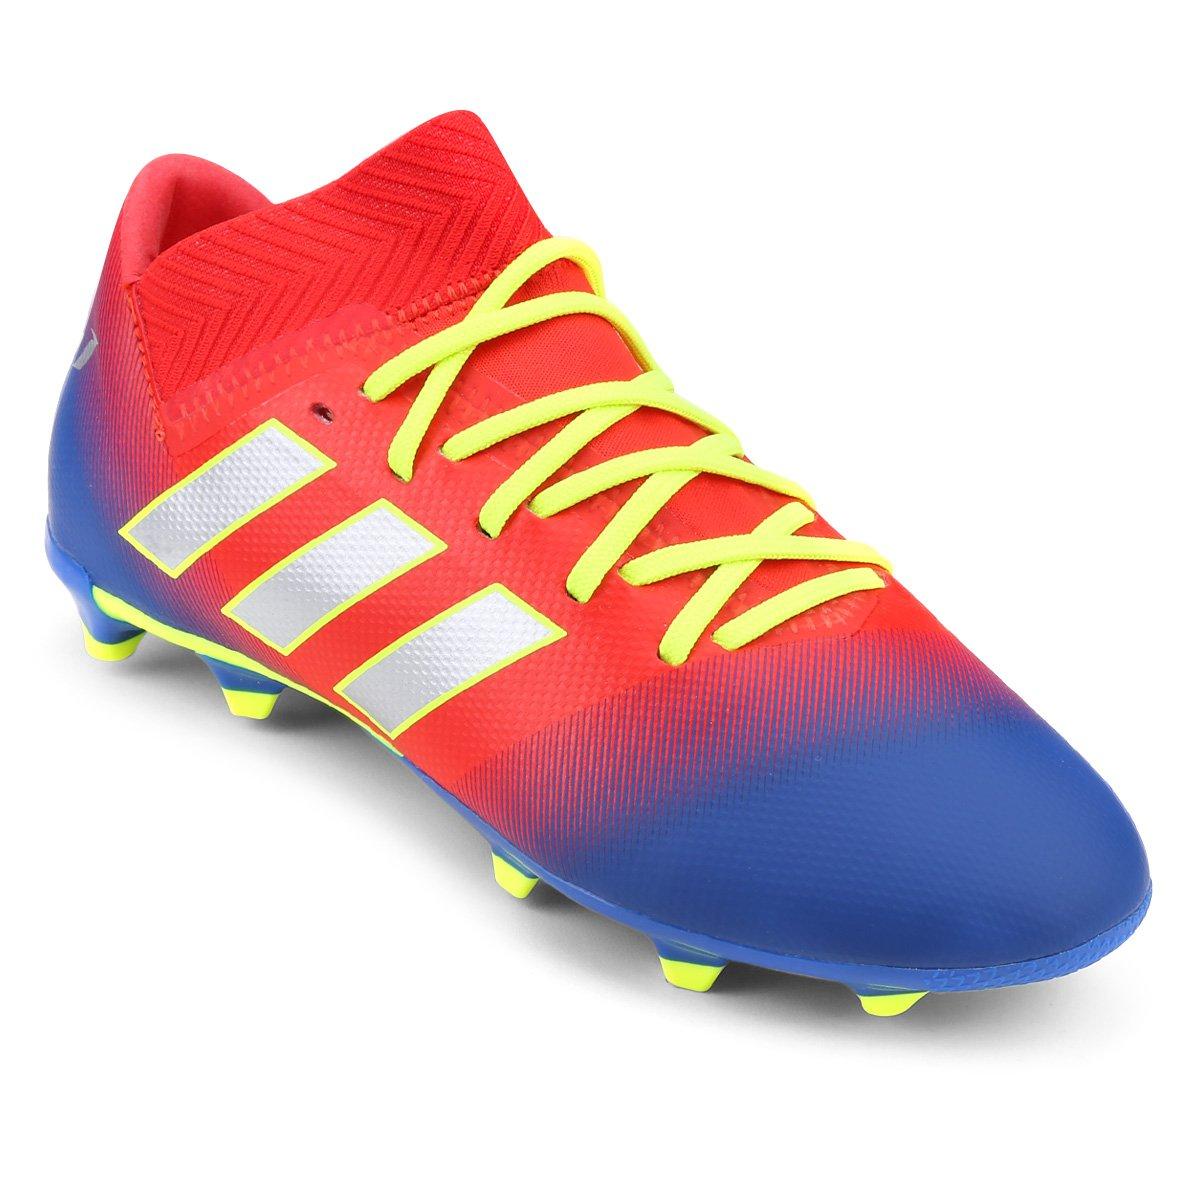 44240af290 Chuteira Campo Infantil Adidas Nemeziz Messi 18 3 FG - Vermelho e ...